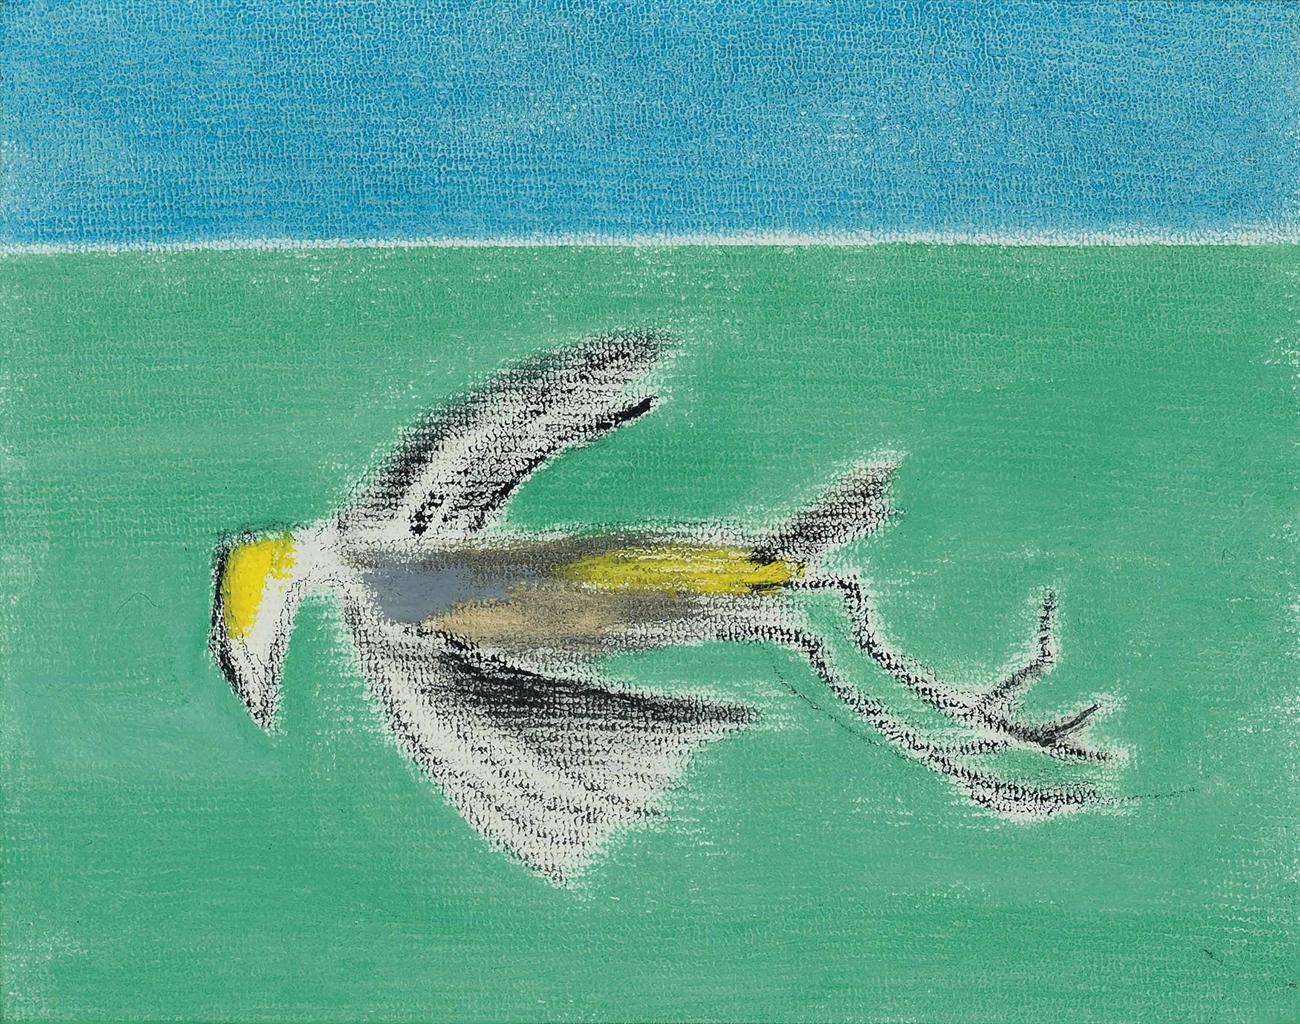 Craigie Aitchison-Dead Bird II-2000